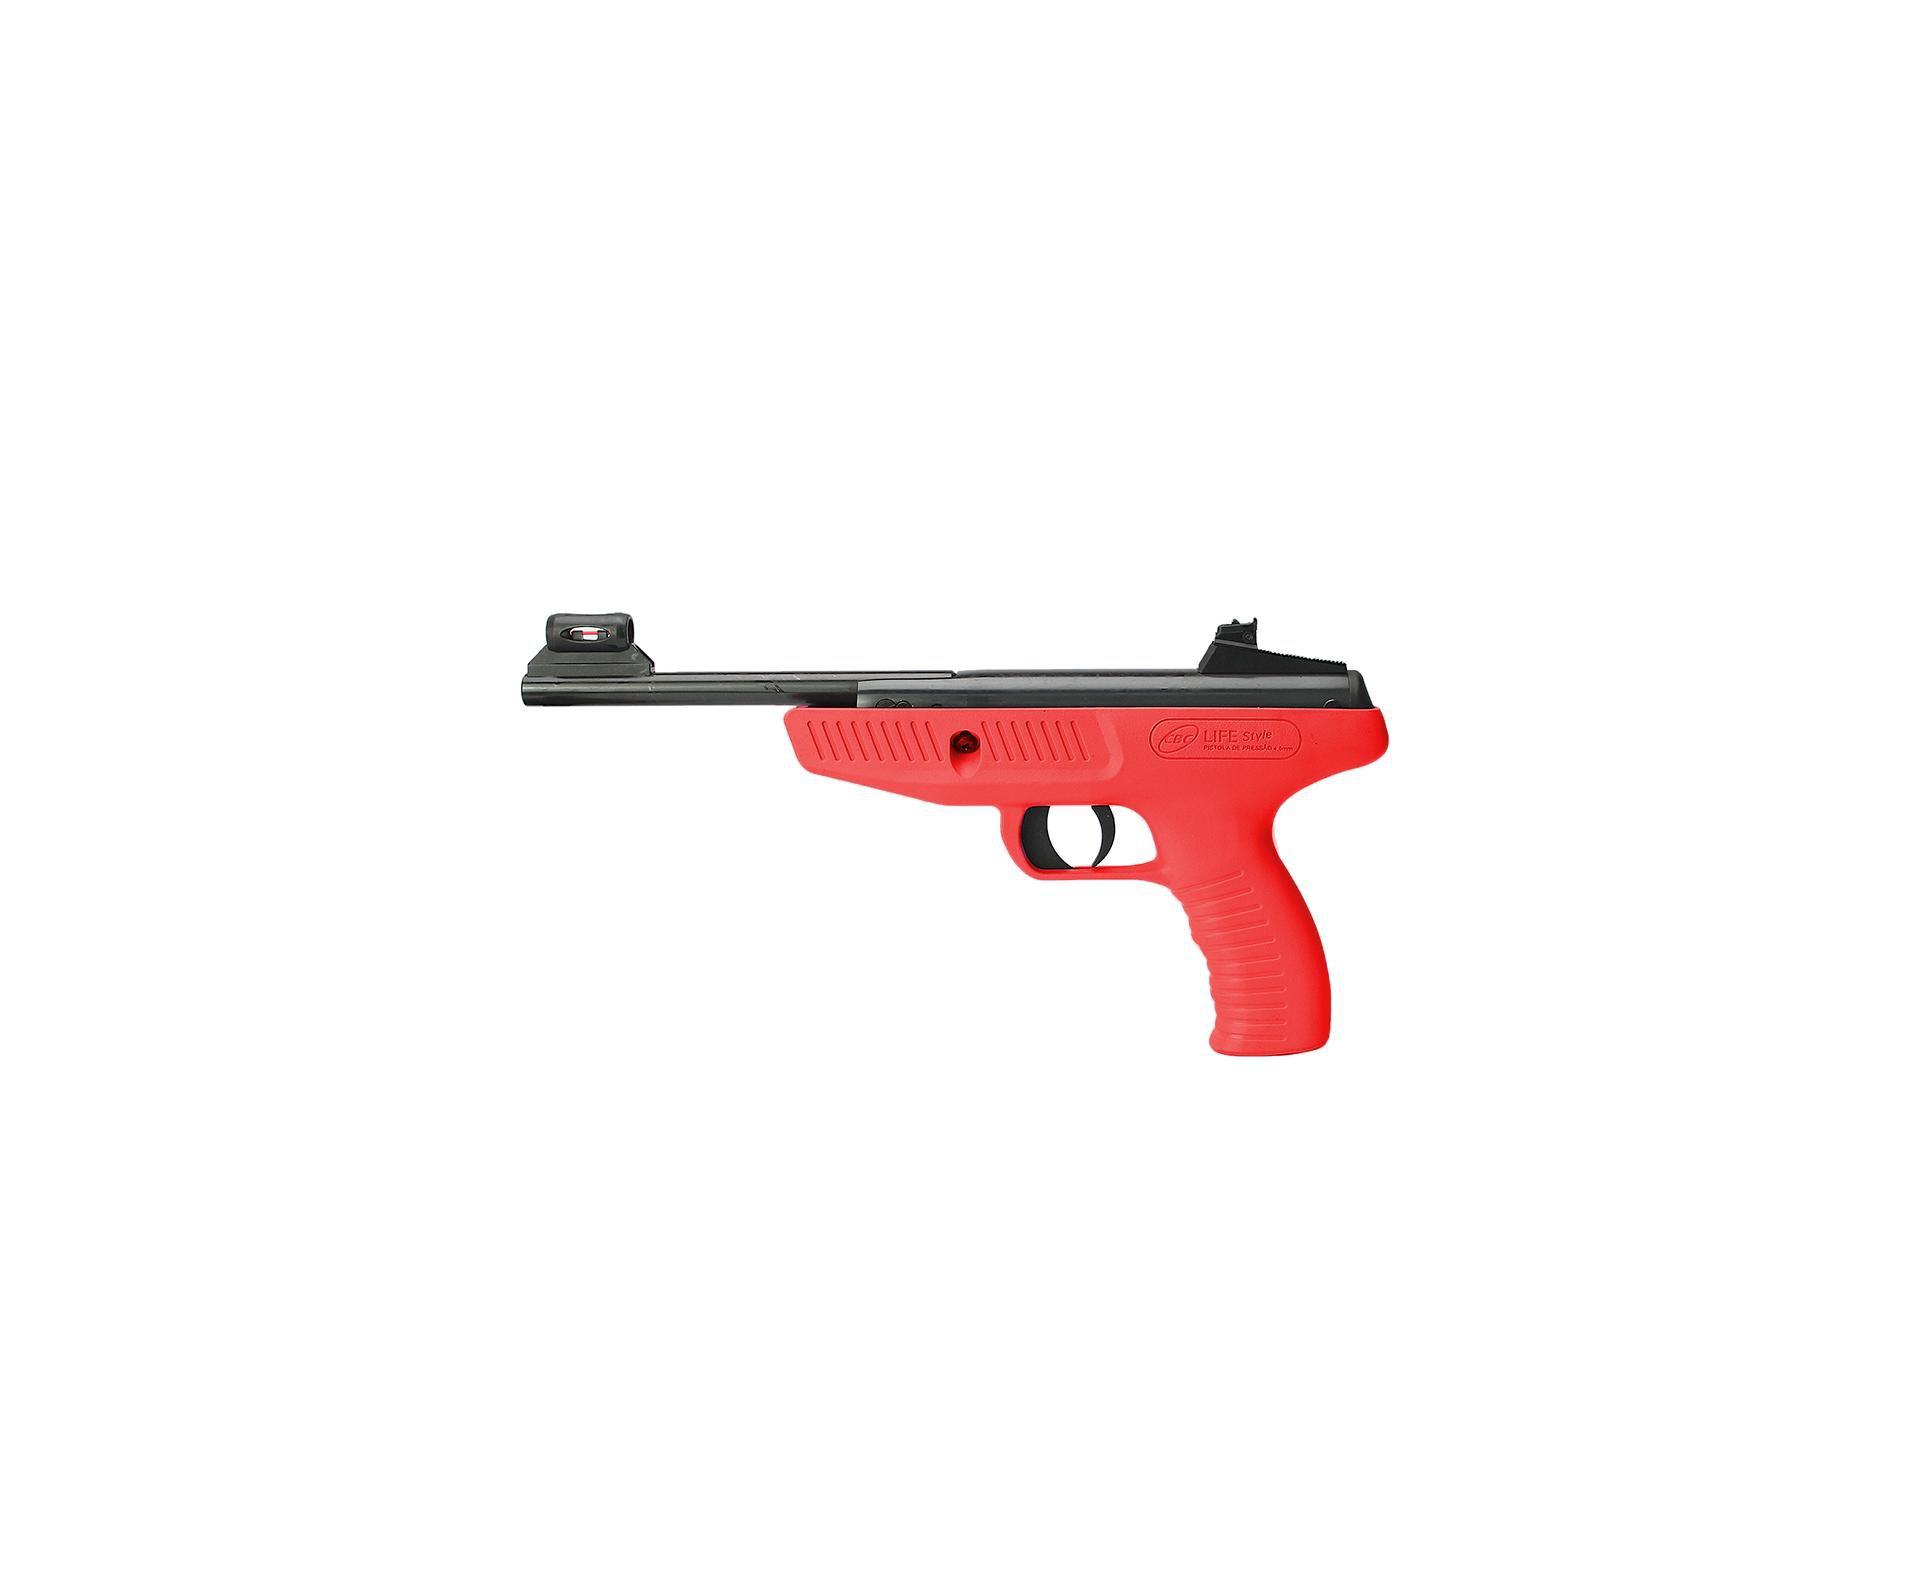 Pistola De Pressão Cbc Life Style Vermelha - Calibre 4,5 Mm